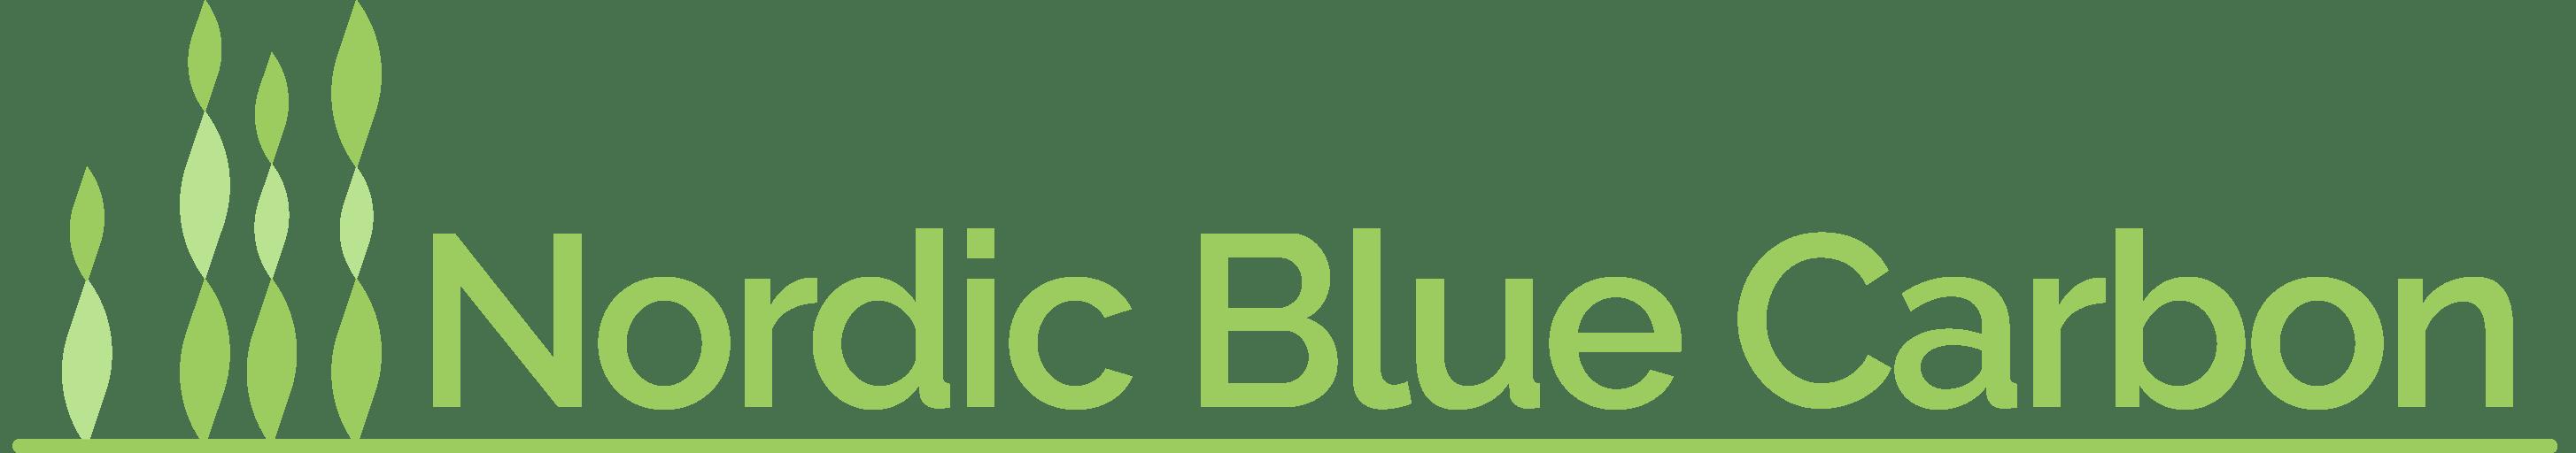 Nordic Blue Carbon